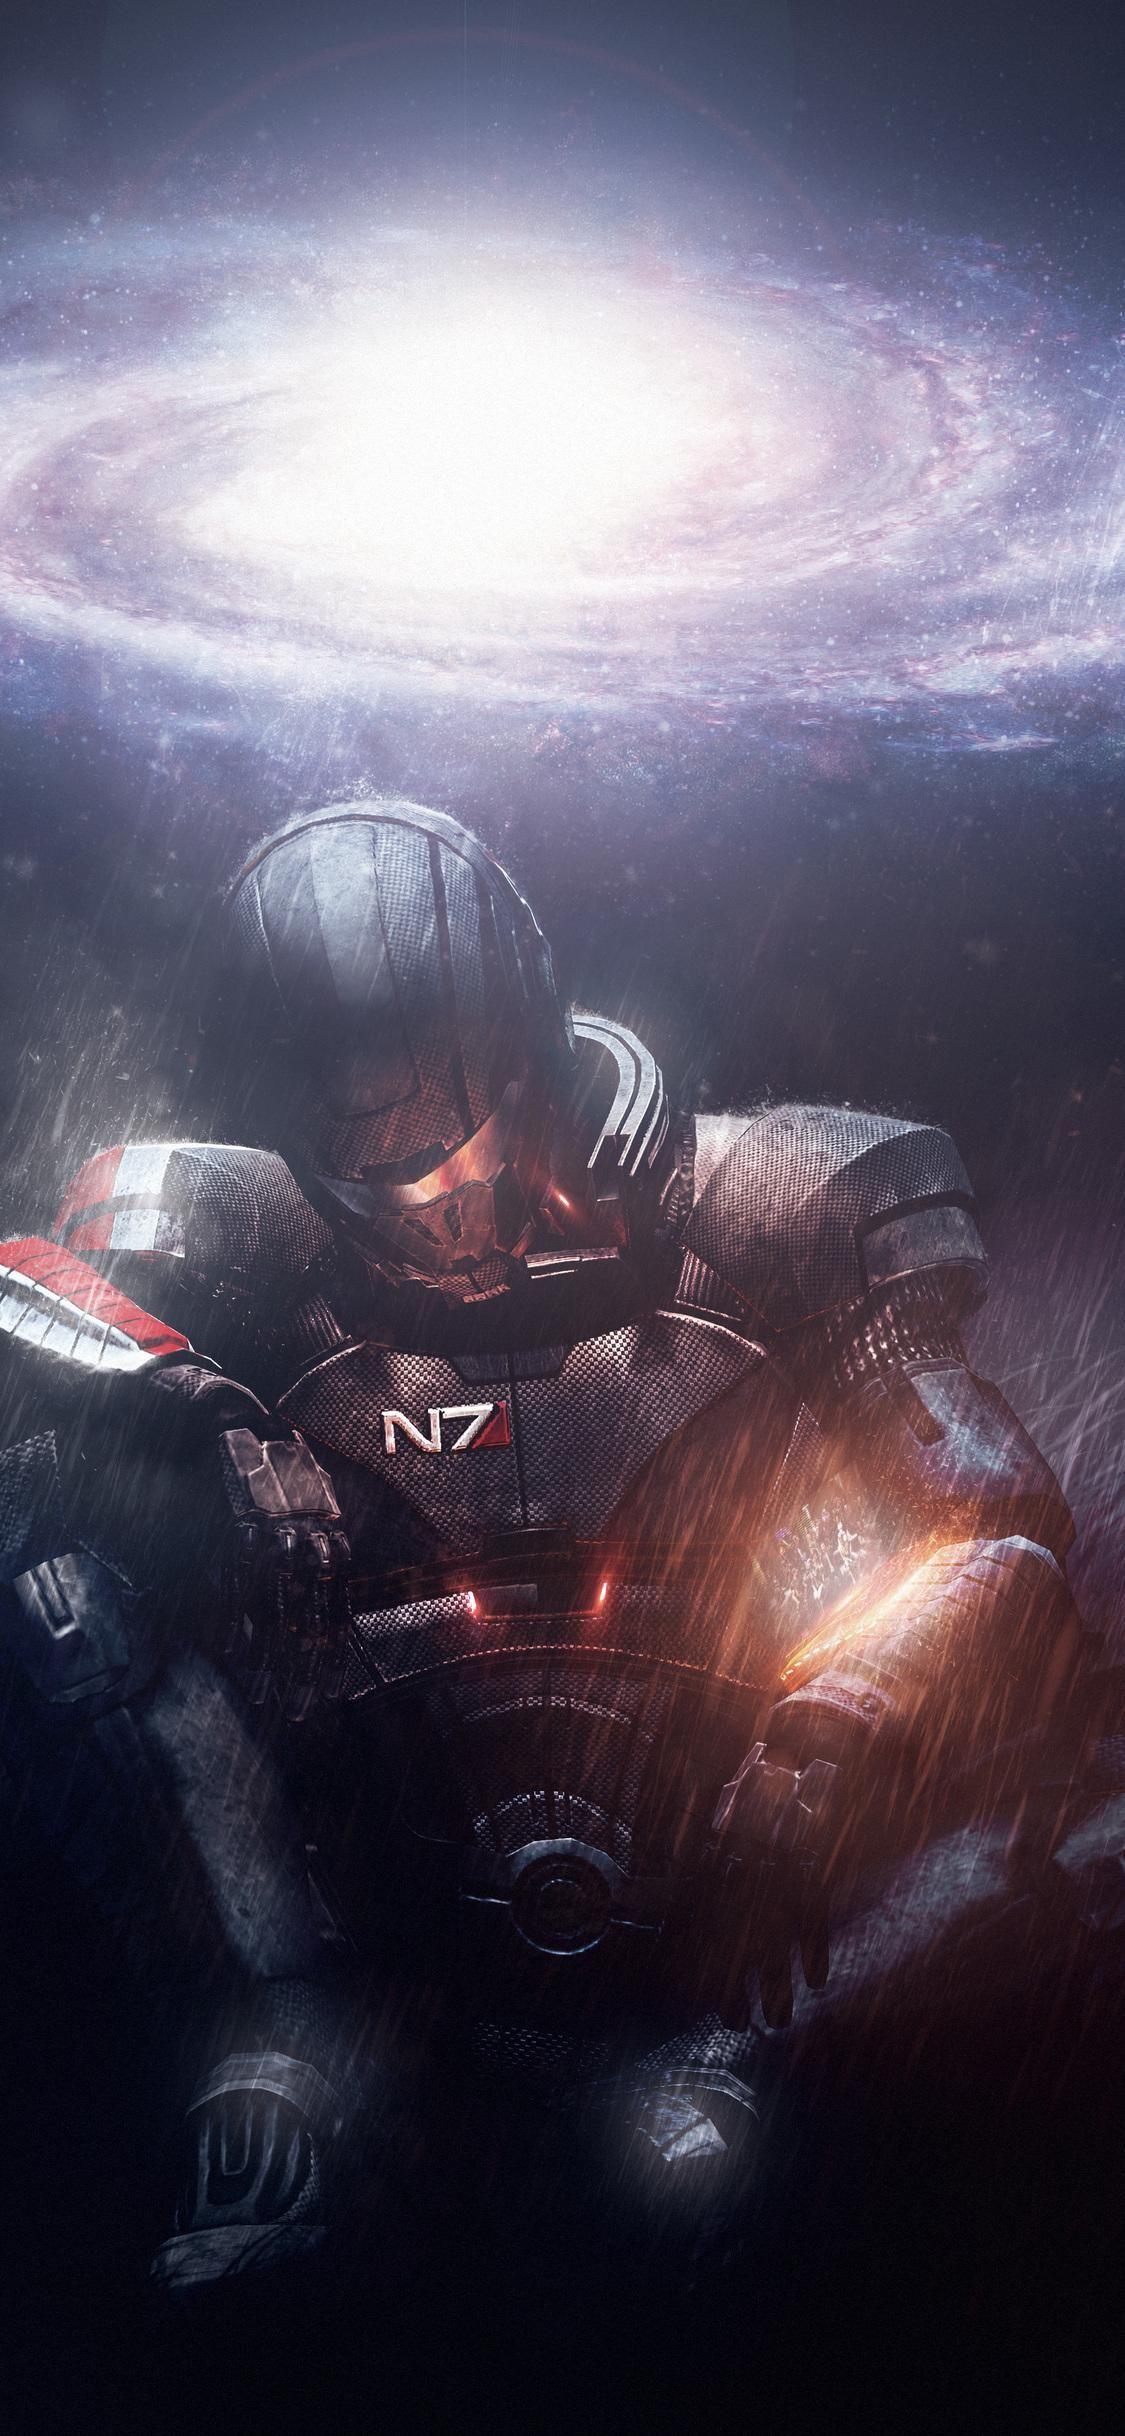 Mass Effect Legendary Edition In 2021 Mass Effect Art Mass Effect Characters Mass Effect Reapers